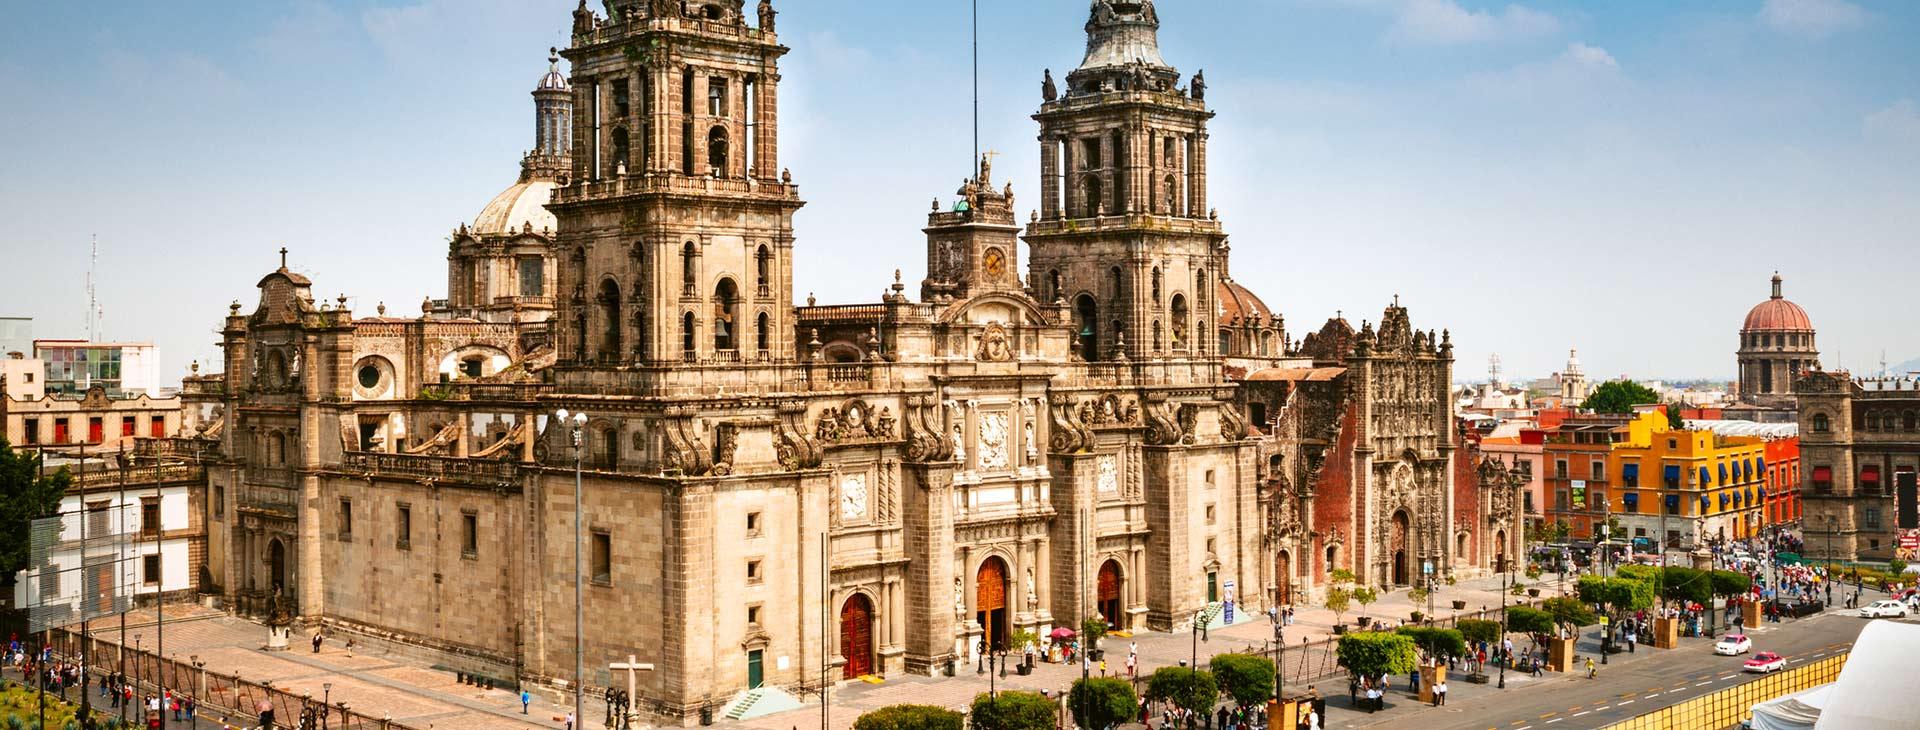 online datování mexiko df